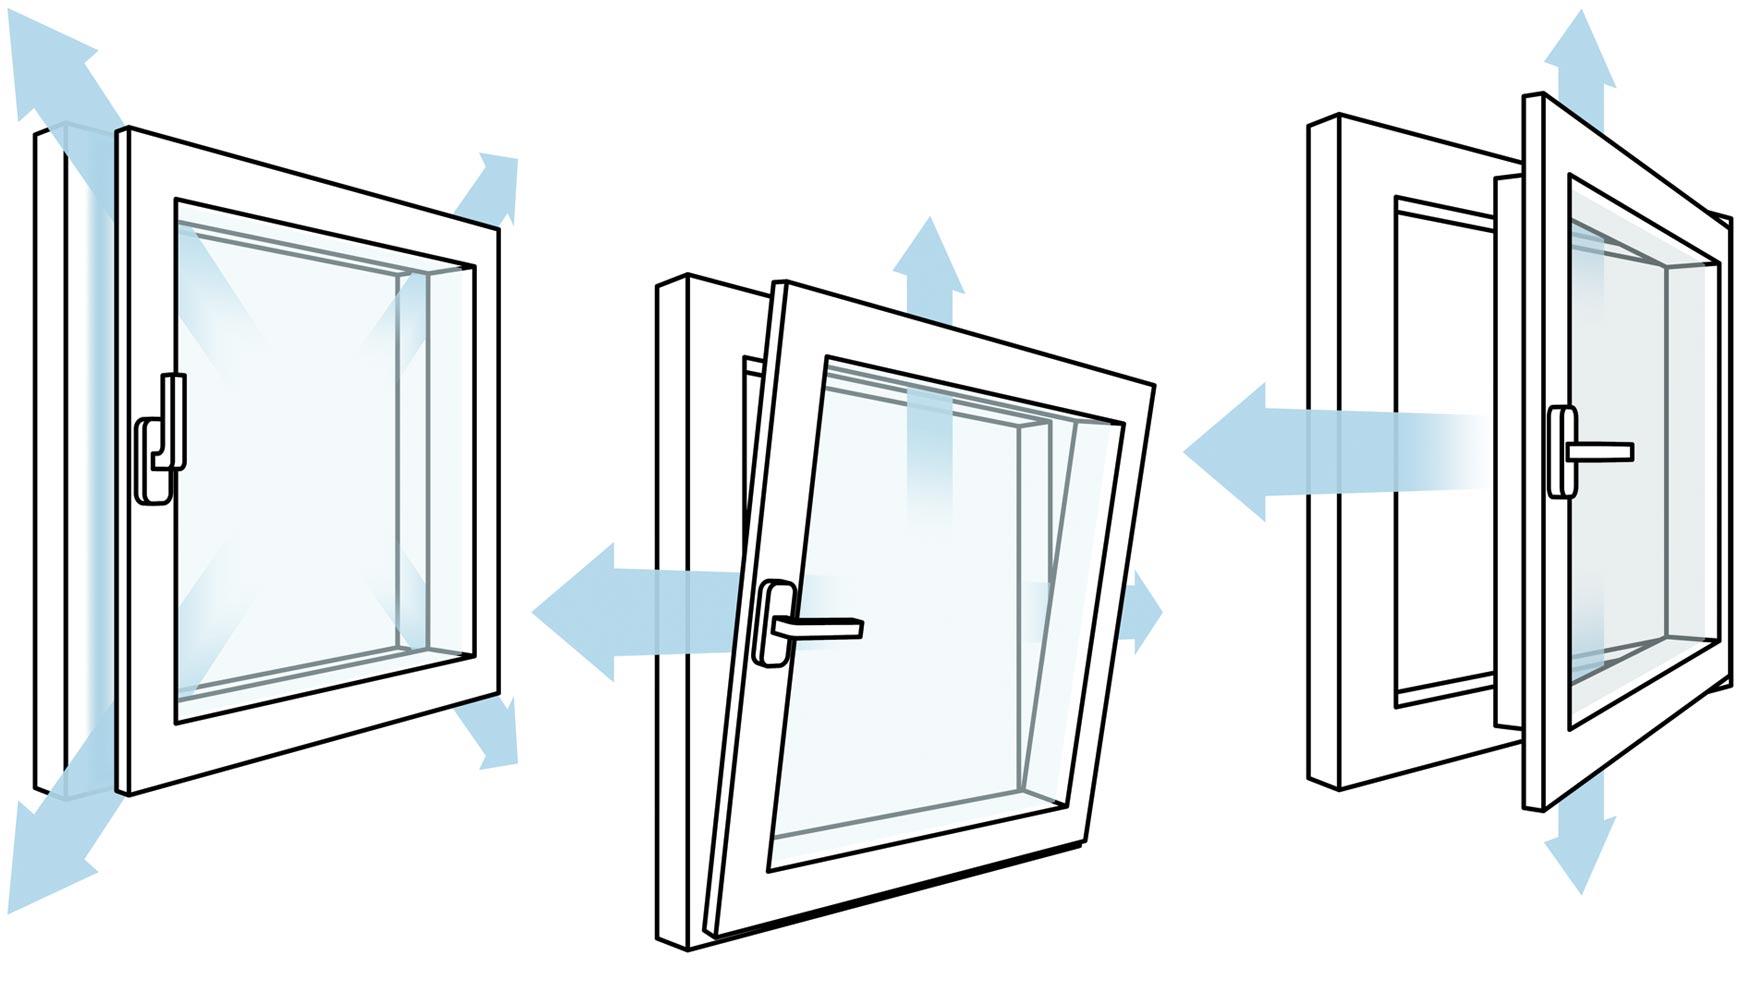 winkhaus padk el nuevo sistema de ventilaci n